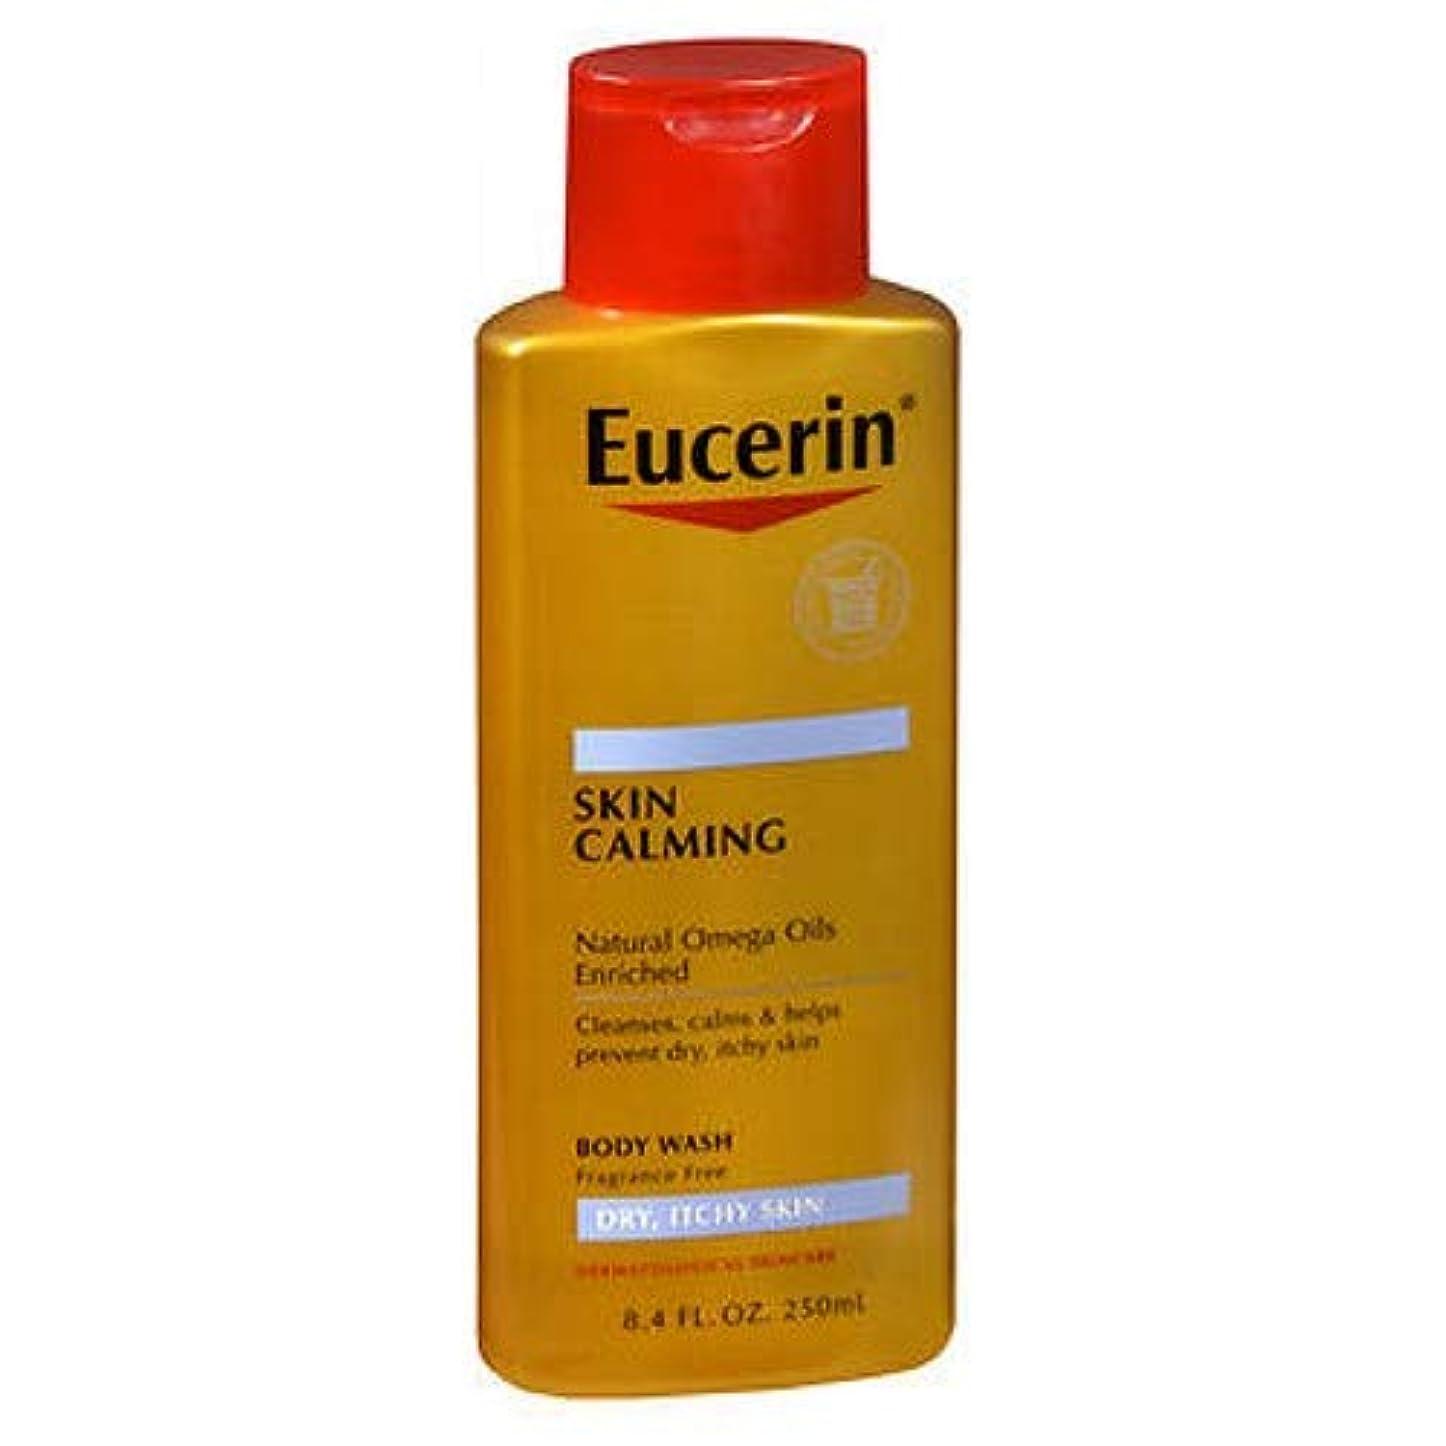 光景制限する整理するユーセリン スキン クライミング ボディーウォシュ 乾燥した肌、かゆみのある肌向け用 無香料 (250 ml) (並行輸入品)